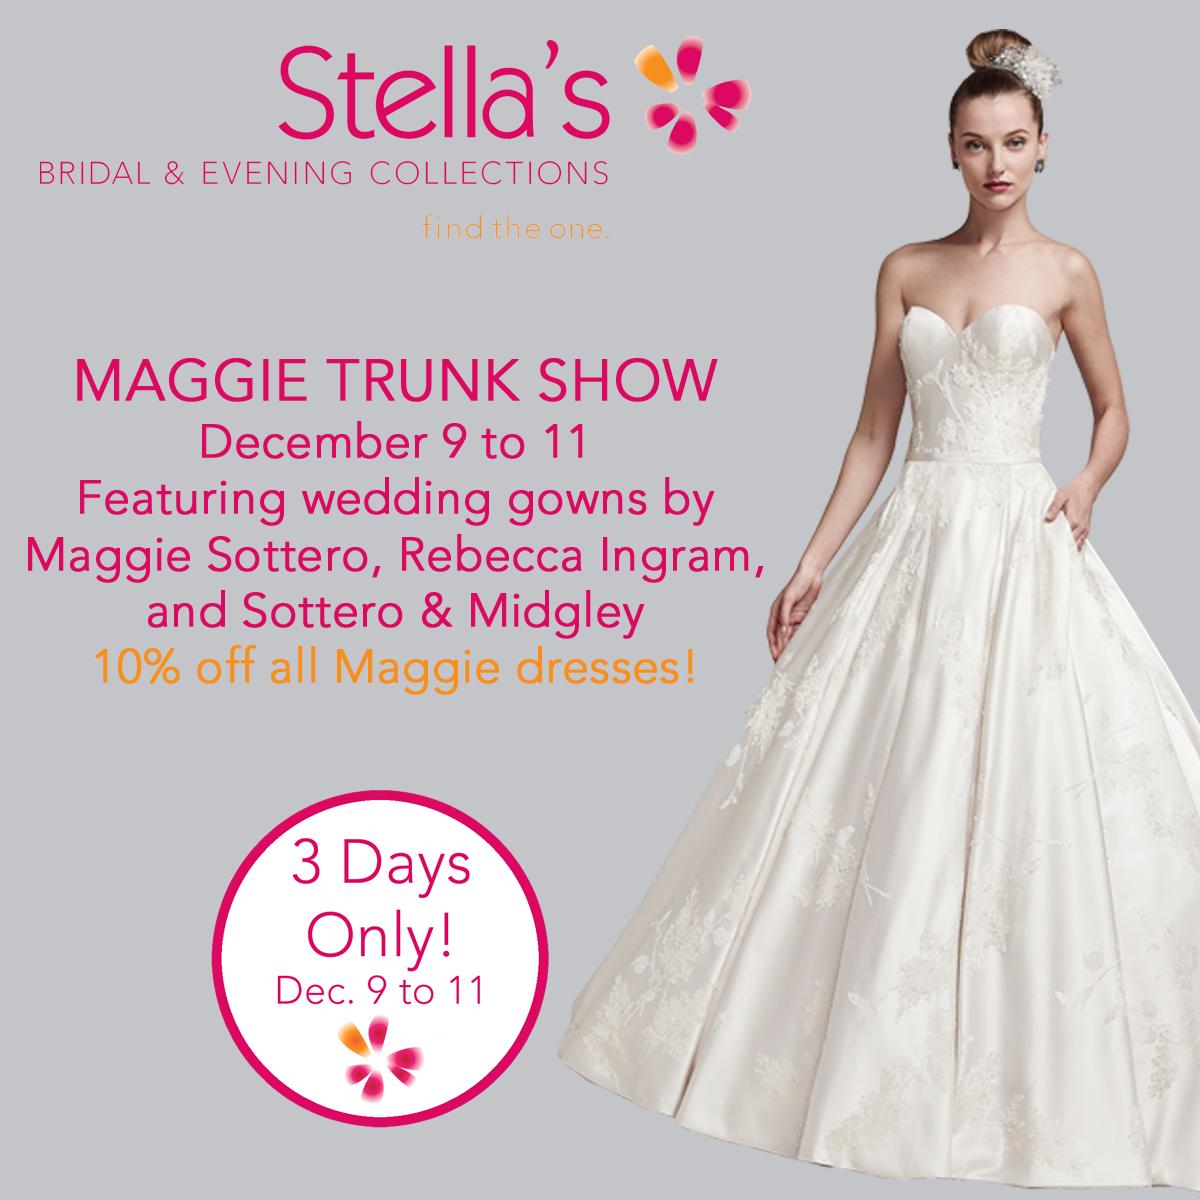 Maggie Trunk Show Instagram Ad - 12.09.16.jpg